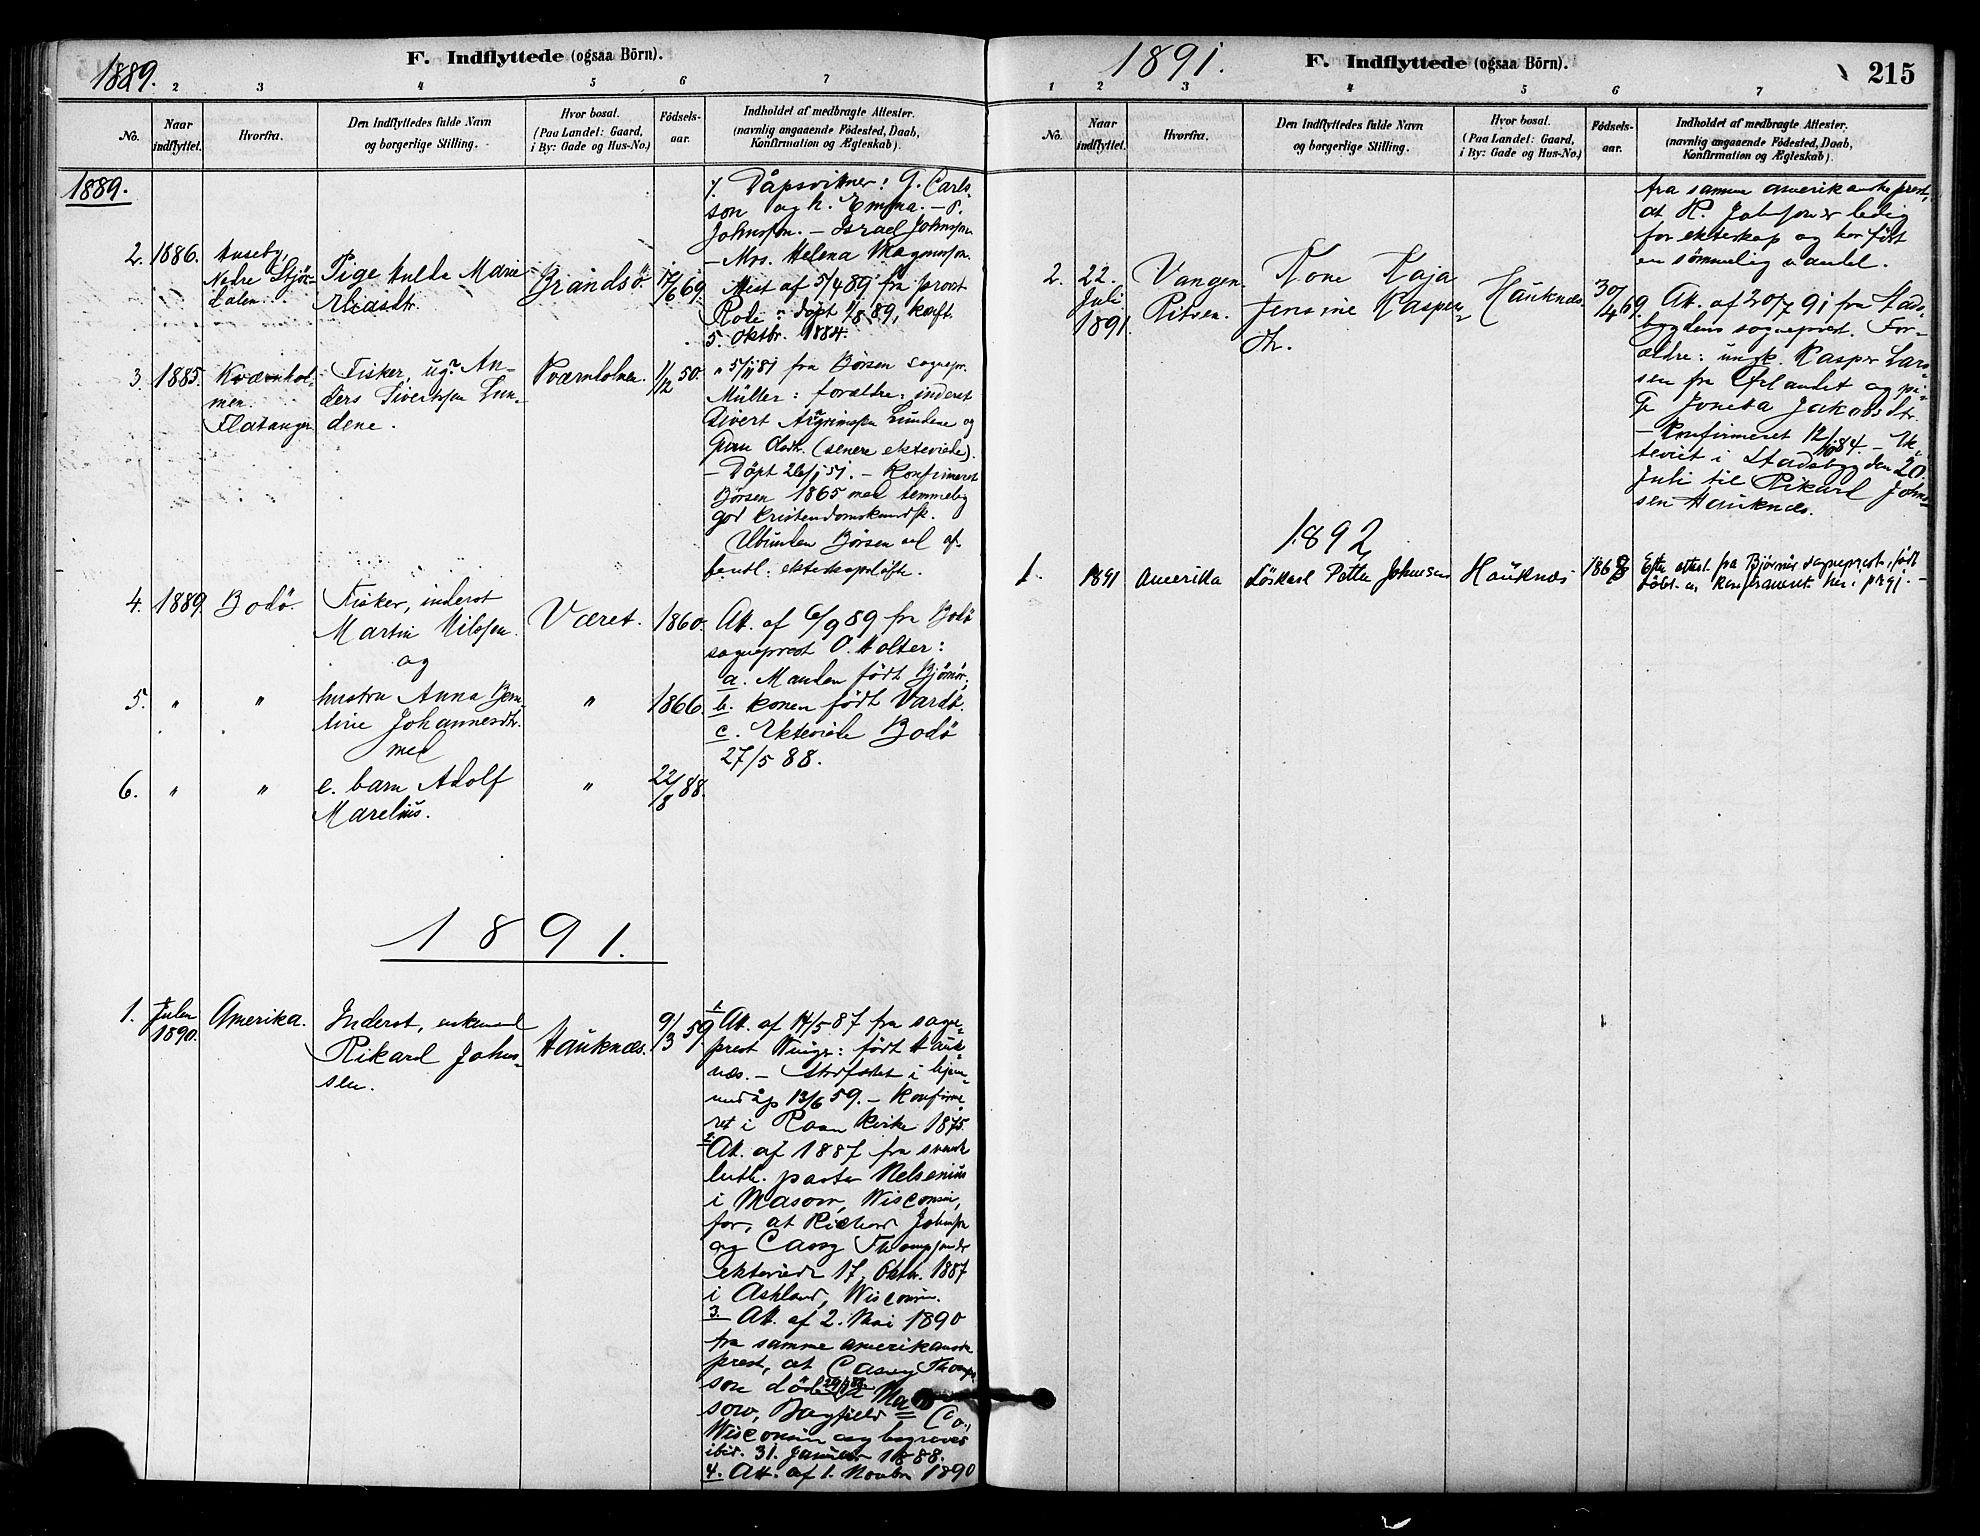 SAT, Ministerialprotokoller, klokkerbøker og fødselsregistre - Sør-Trøndelag, 657/L0707: Ministerialbok nr. 657A08, 1879-1893, s. 215